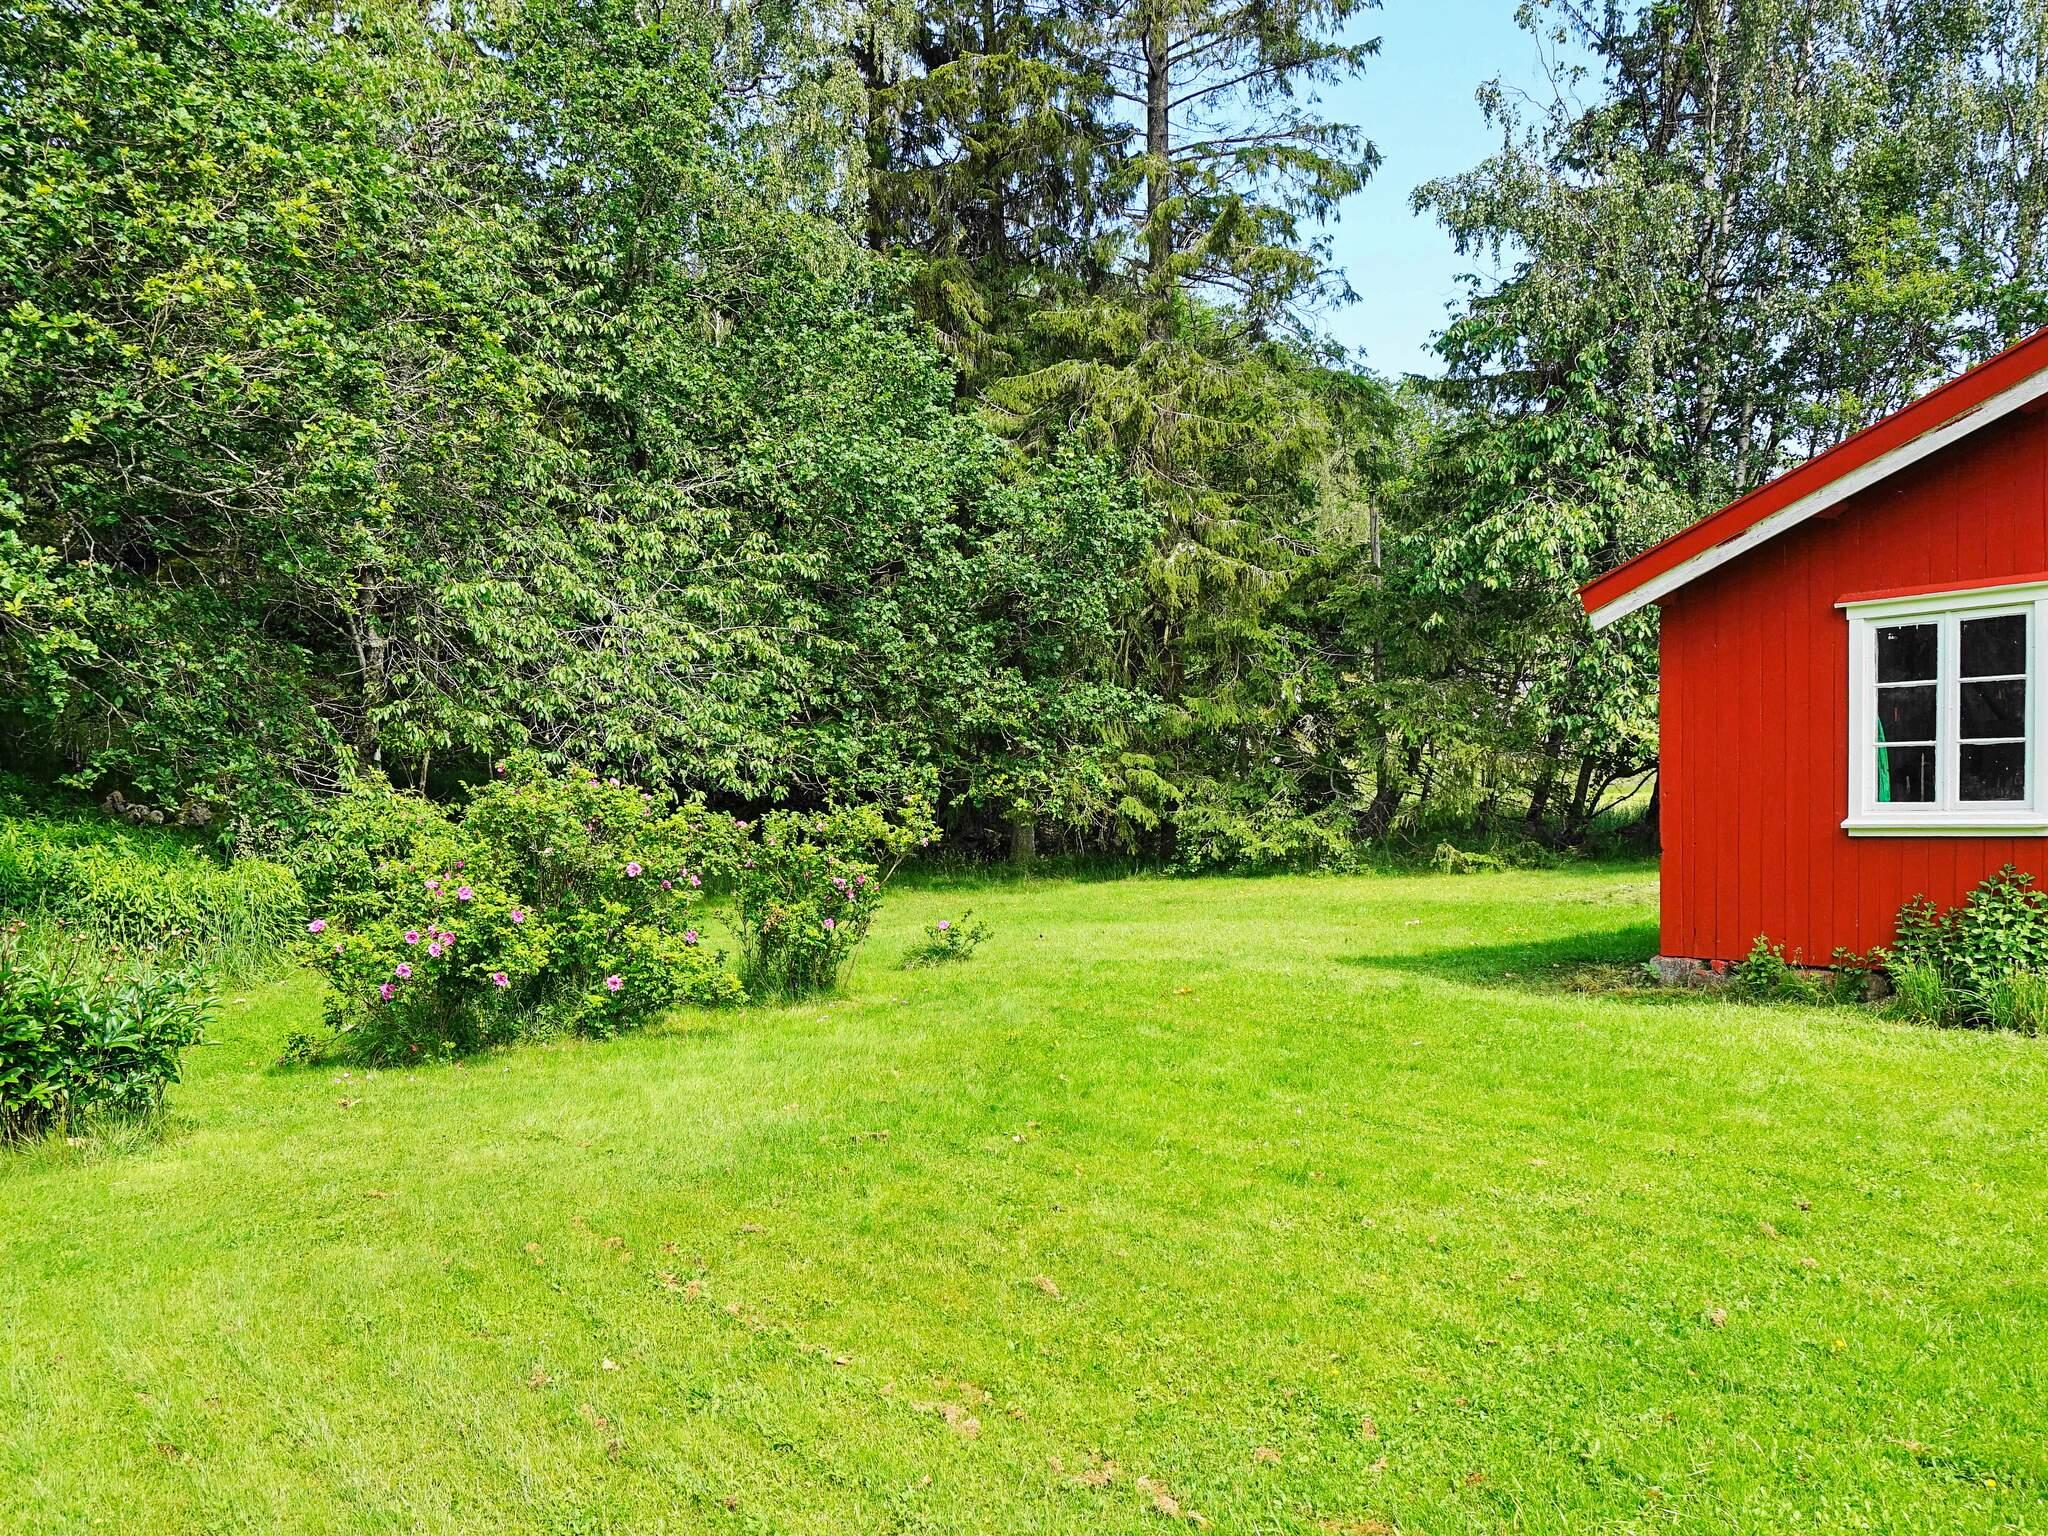 Ferienhaus Orust/Tegneby (2636850), Tegneby, Västra Götaland län, Westschweden, Schweden, Bild 20